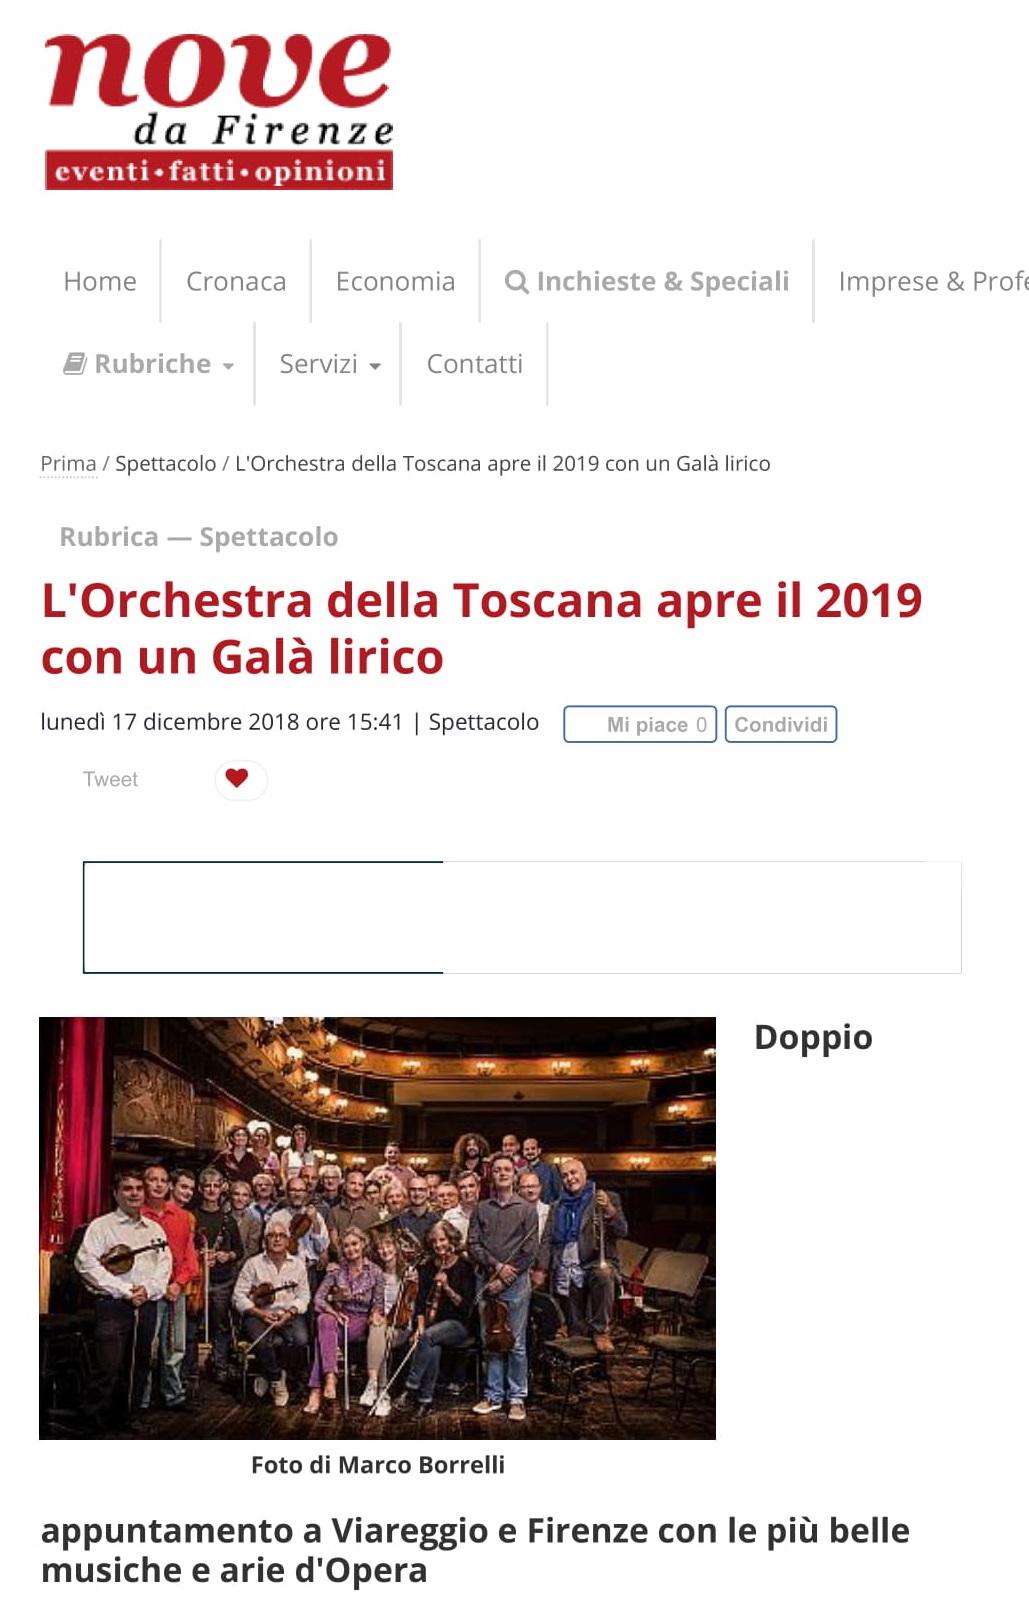 Capodanno in musica in Toscana _ NOVE DA FIRENZE-1